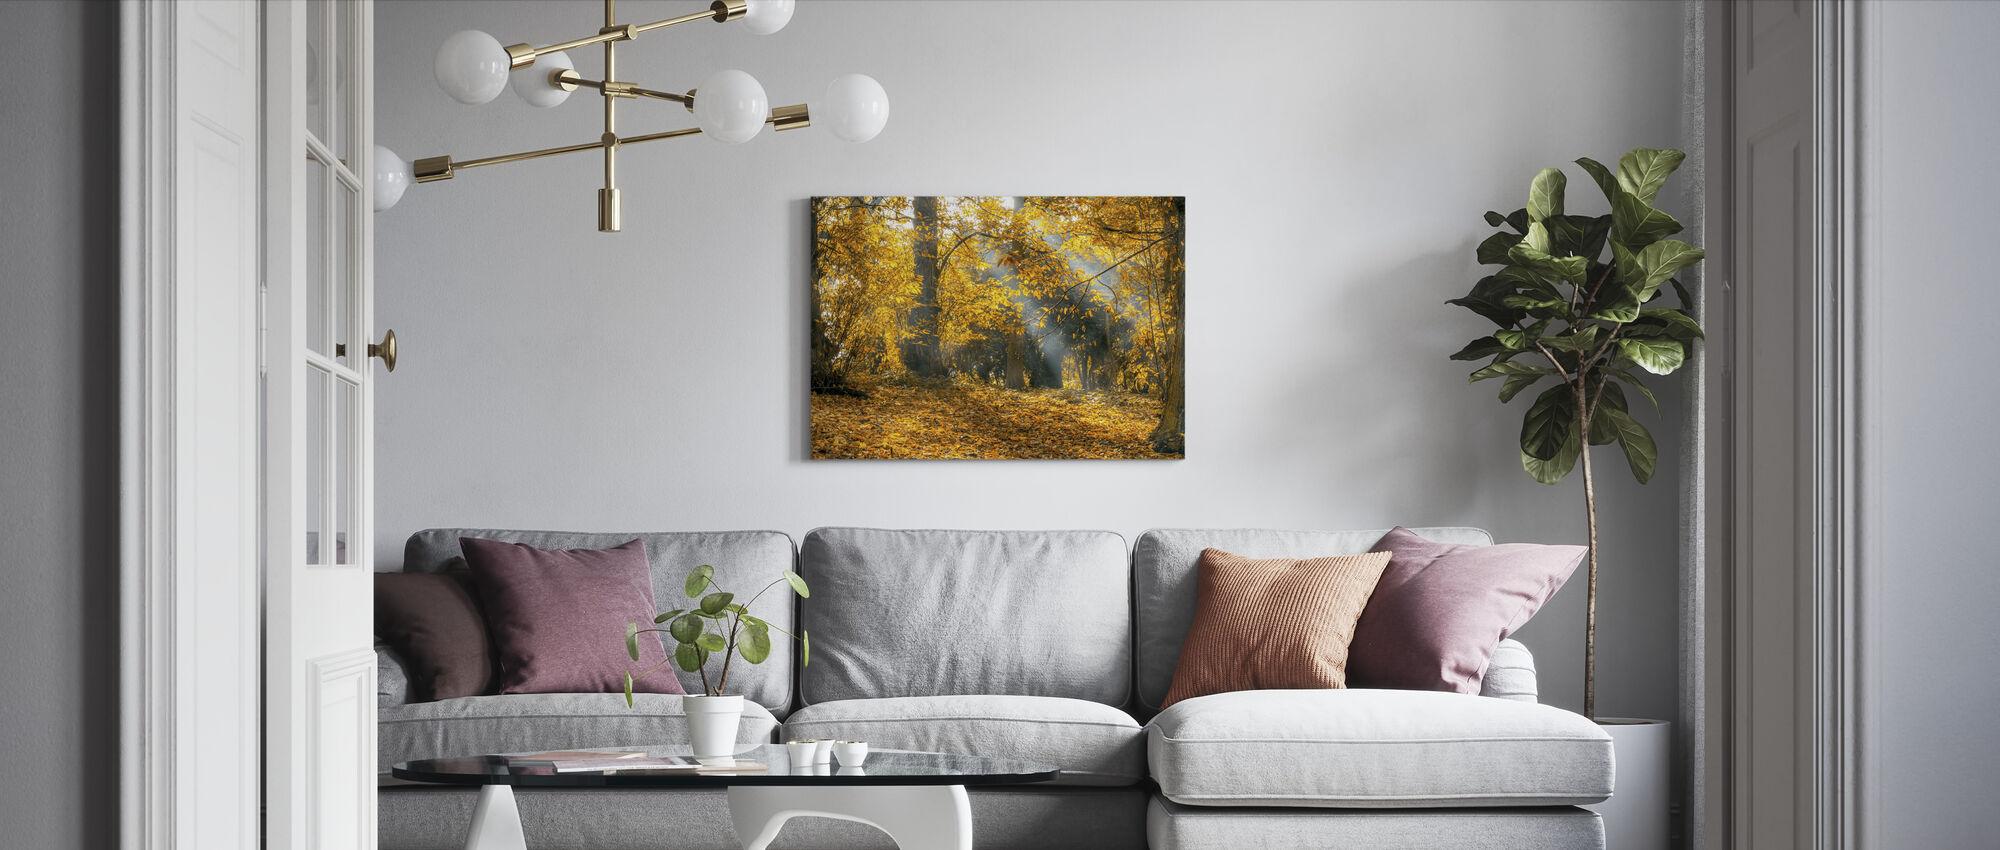 Keltainen Syksyn lehdet - Canvastaulu - Olohuone